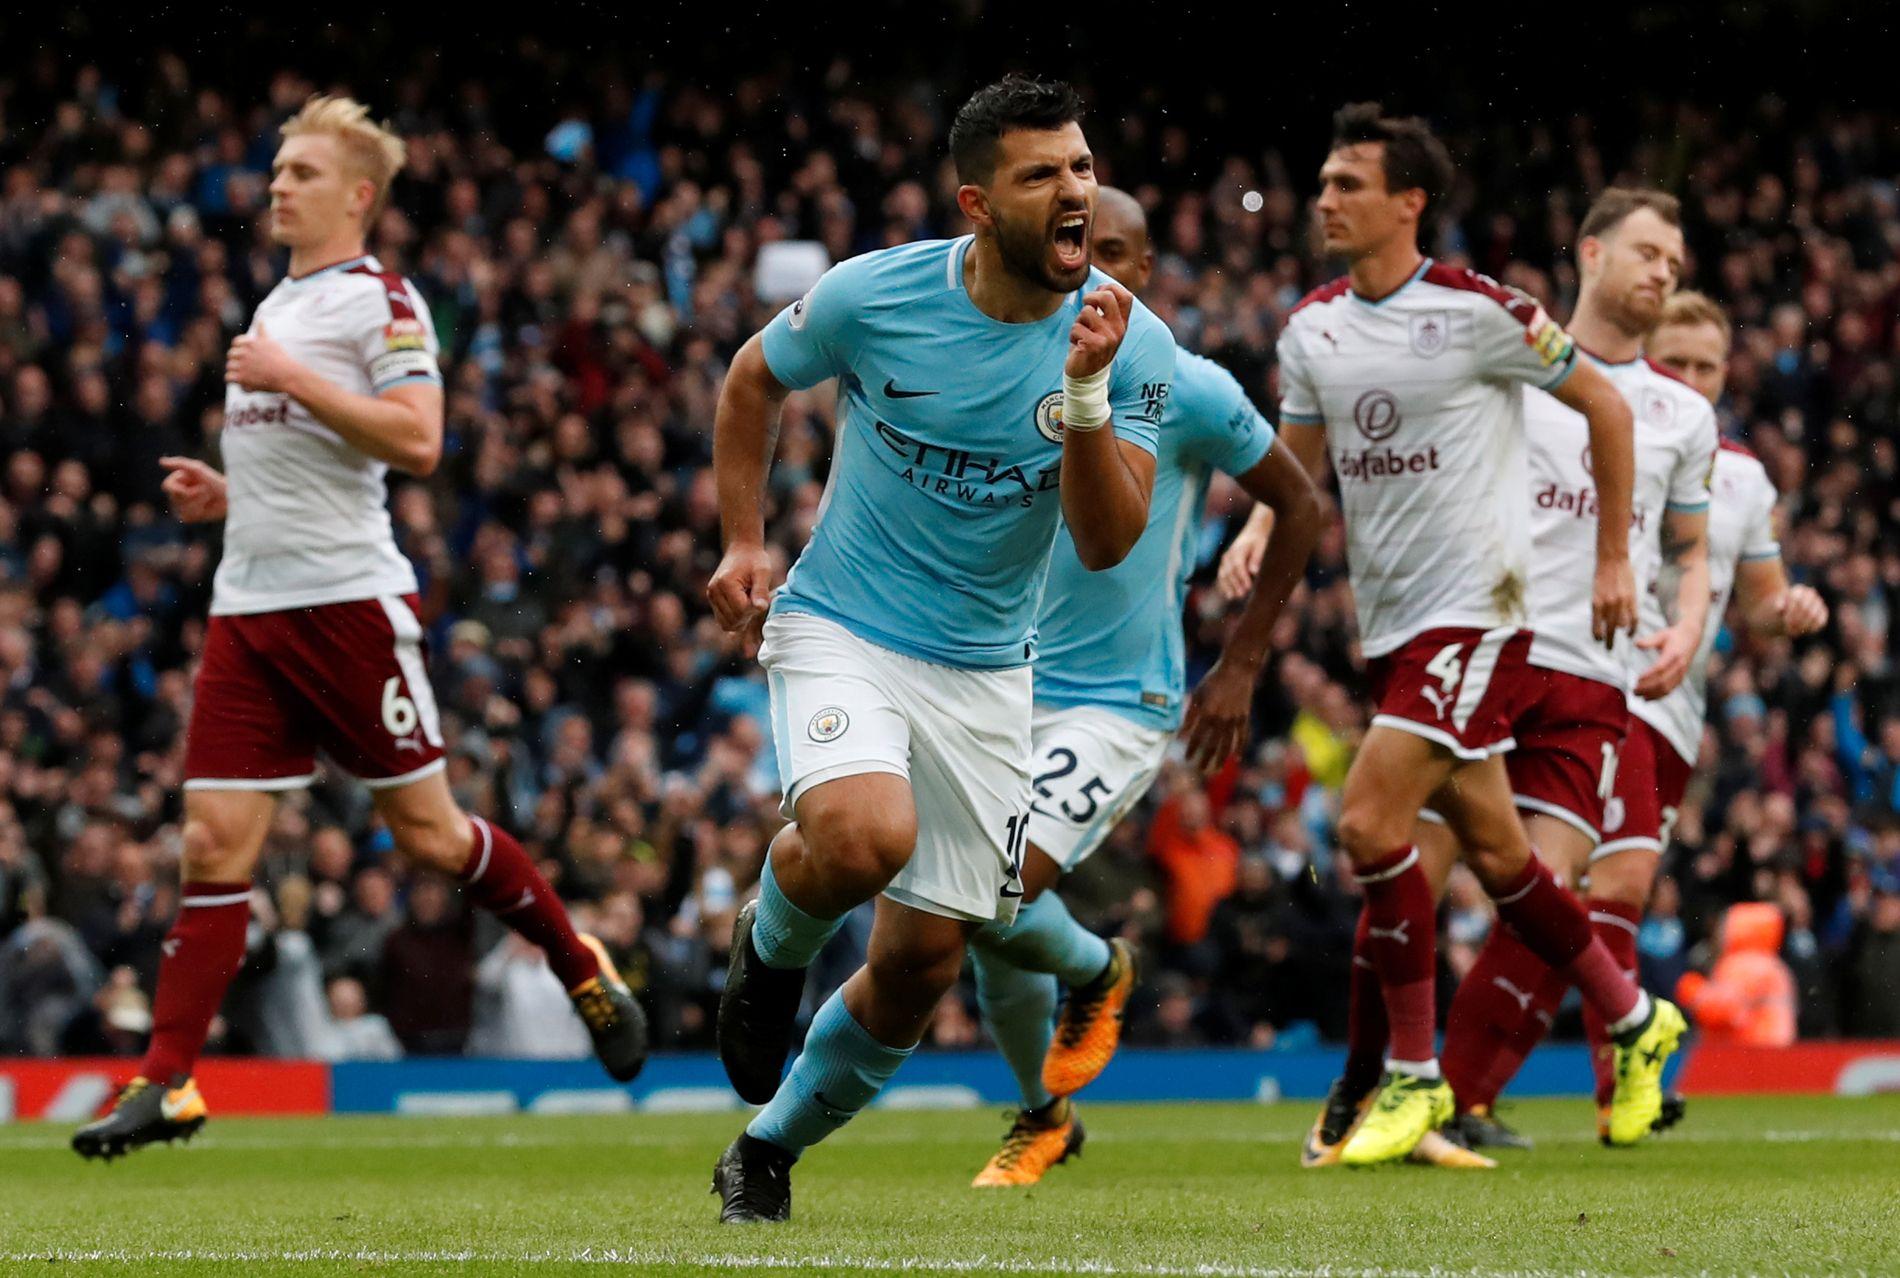 NUMMER 177: Sergio Agüero sendte Manchester city i ledelsen etter en iskald straffe i første omgang.